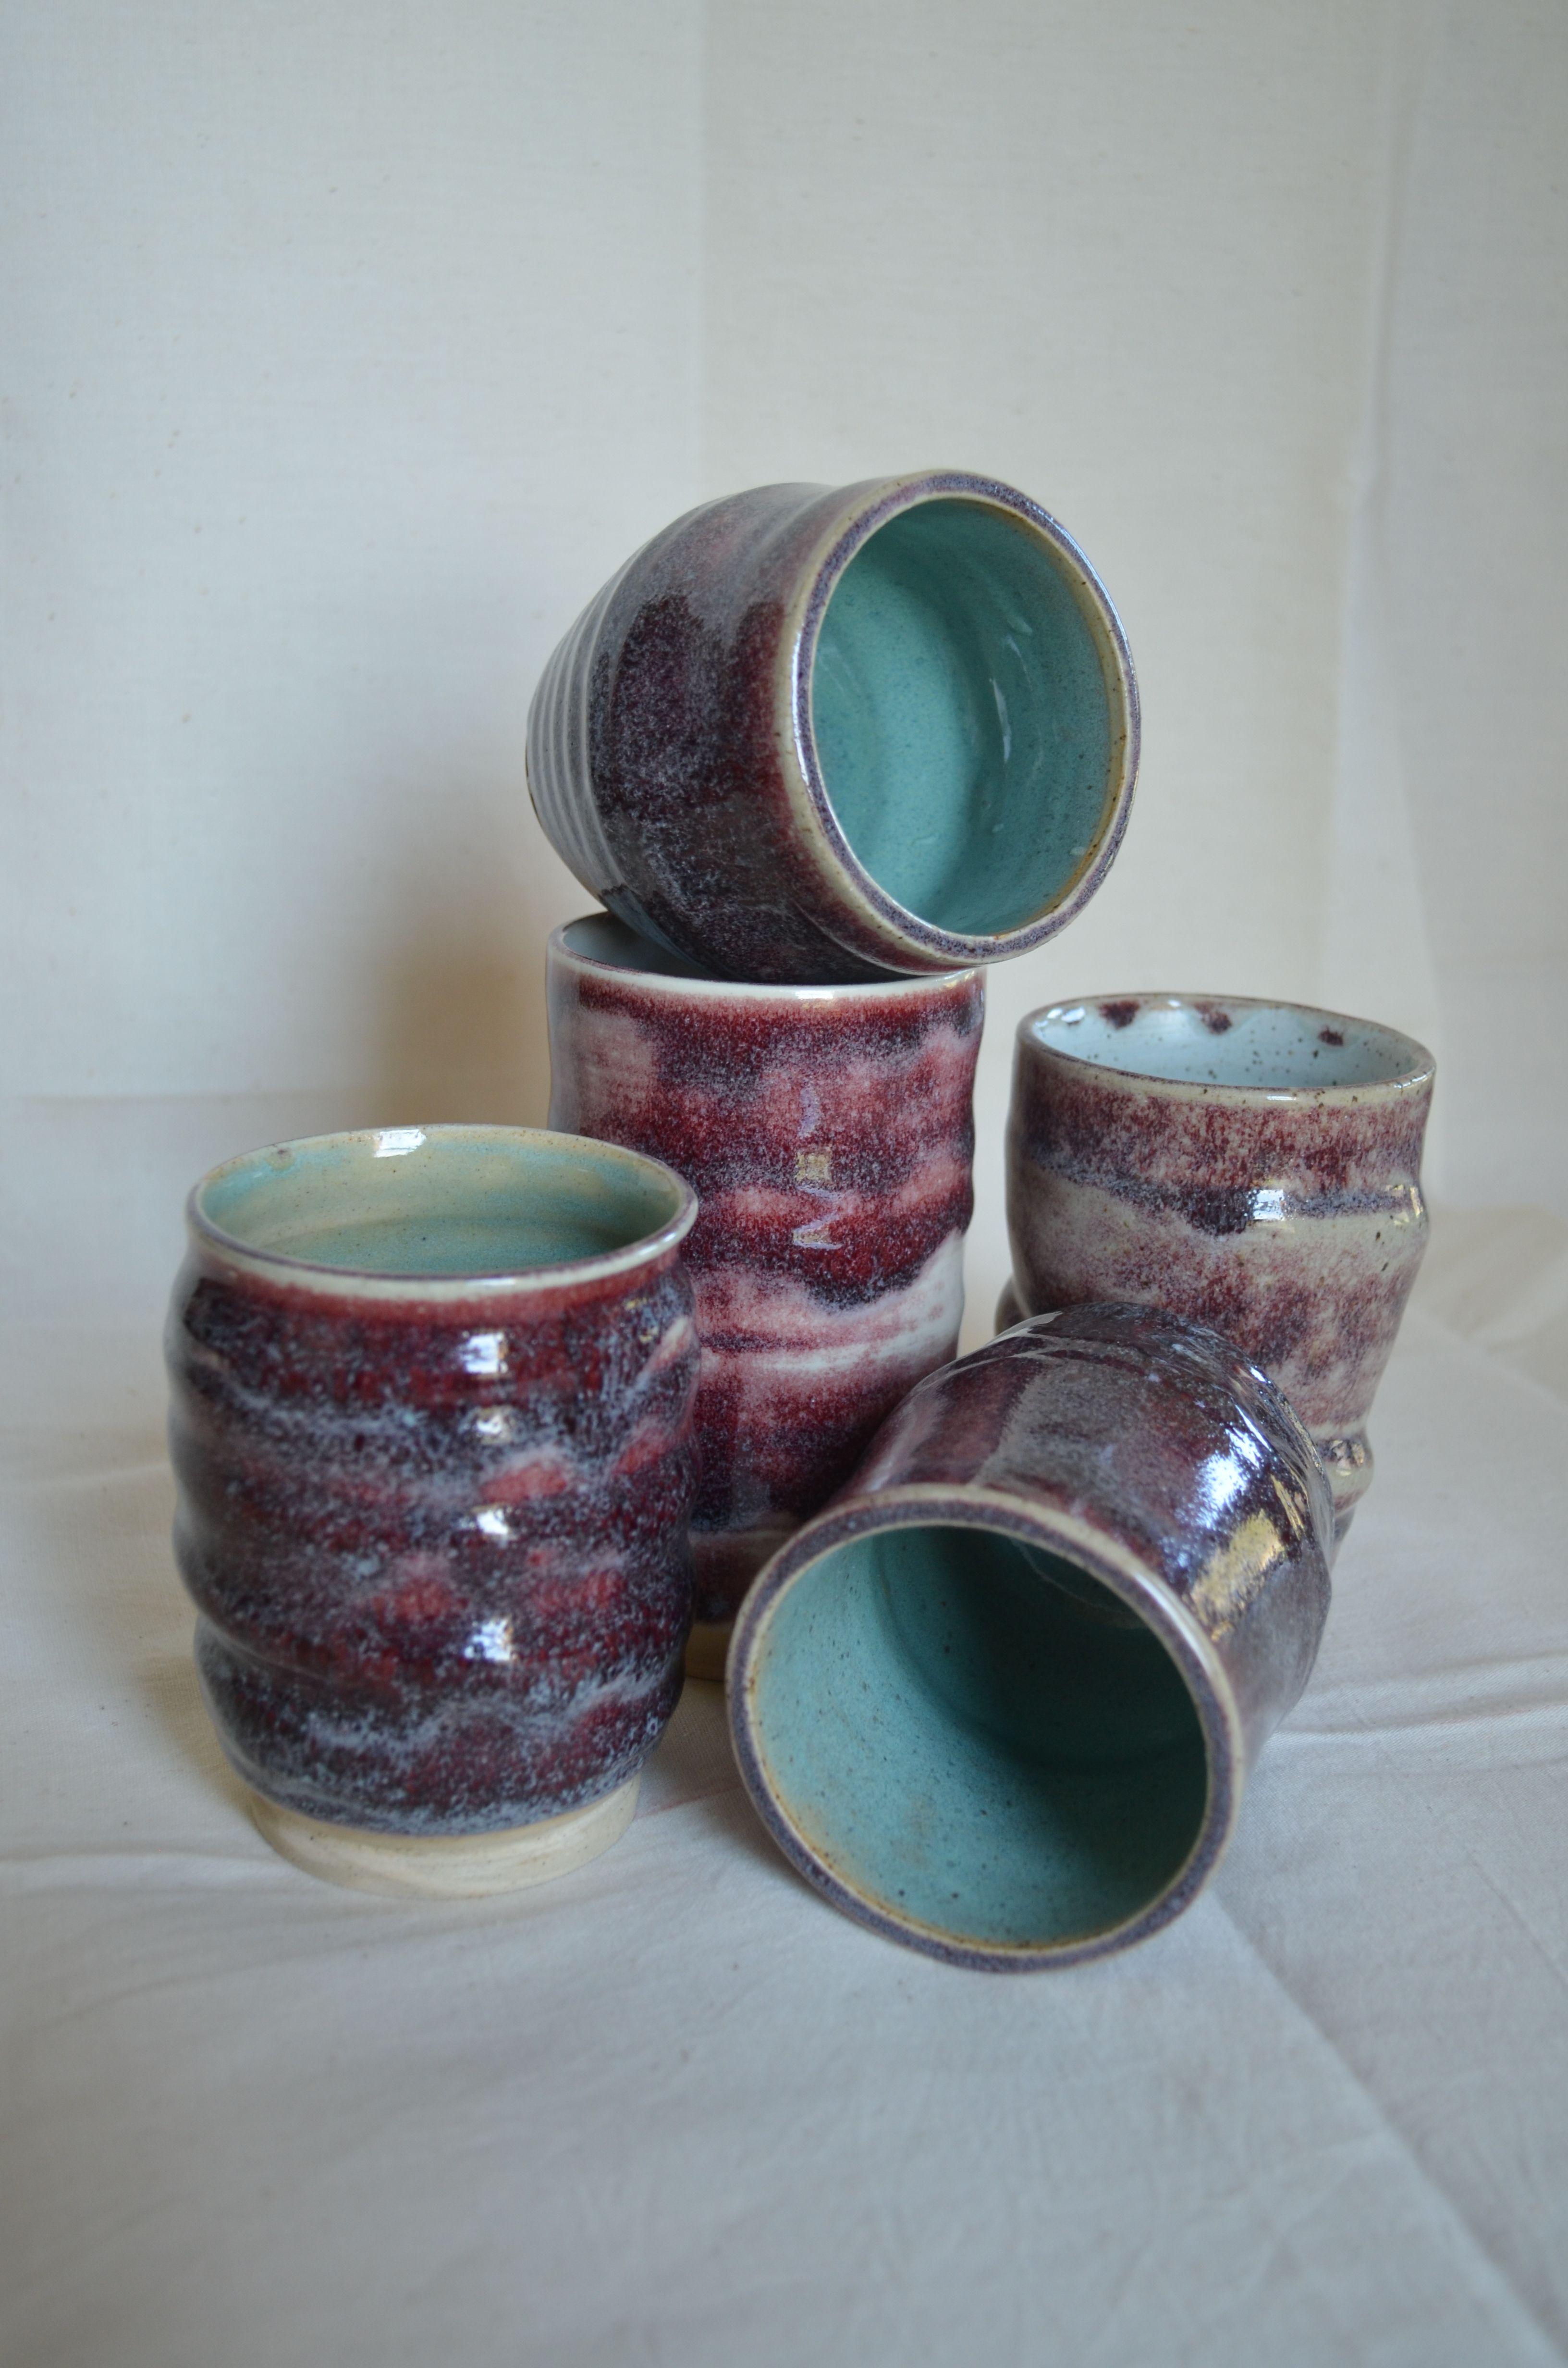 Pasceramics Coyote Glaze Snowy Plum In 2020 Glaze Clay Ceramics Clay